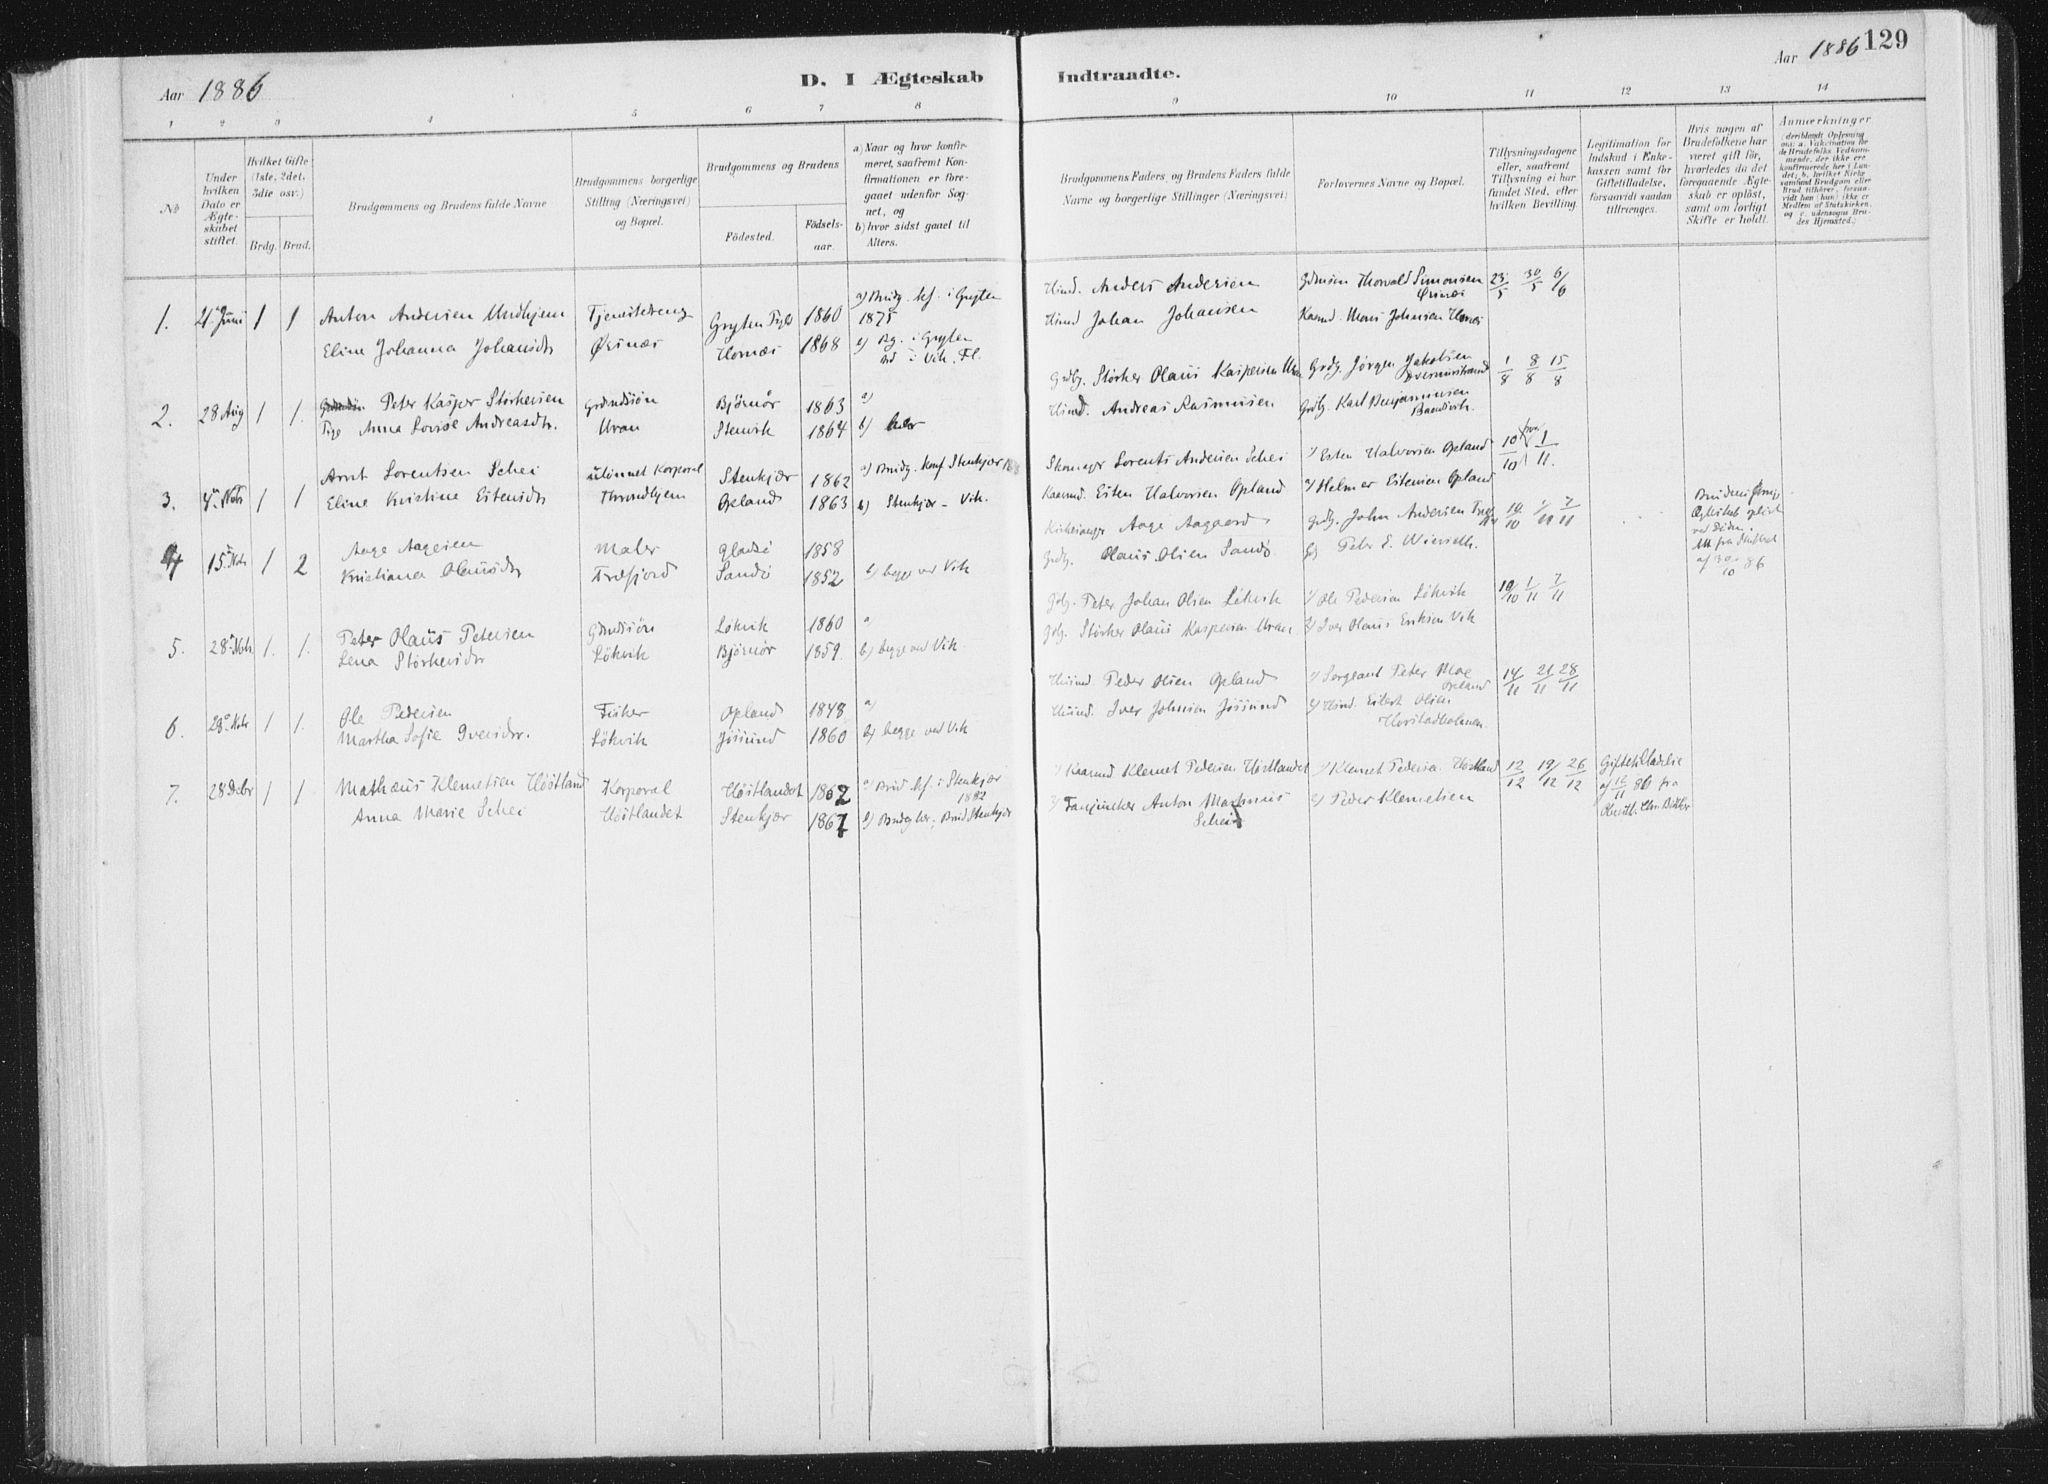 SAT, Ministerialprotokoller, klokkerbøker og fødselsregistre - Nord-Trøndelag, 771/L0597: Ministerialbok nr. 771A04, 1885-1910, s. 129